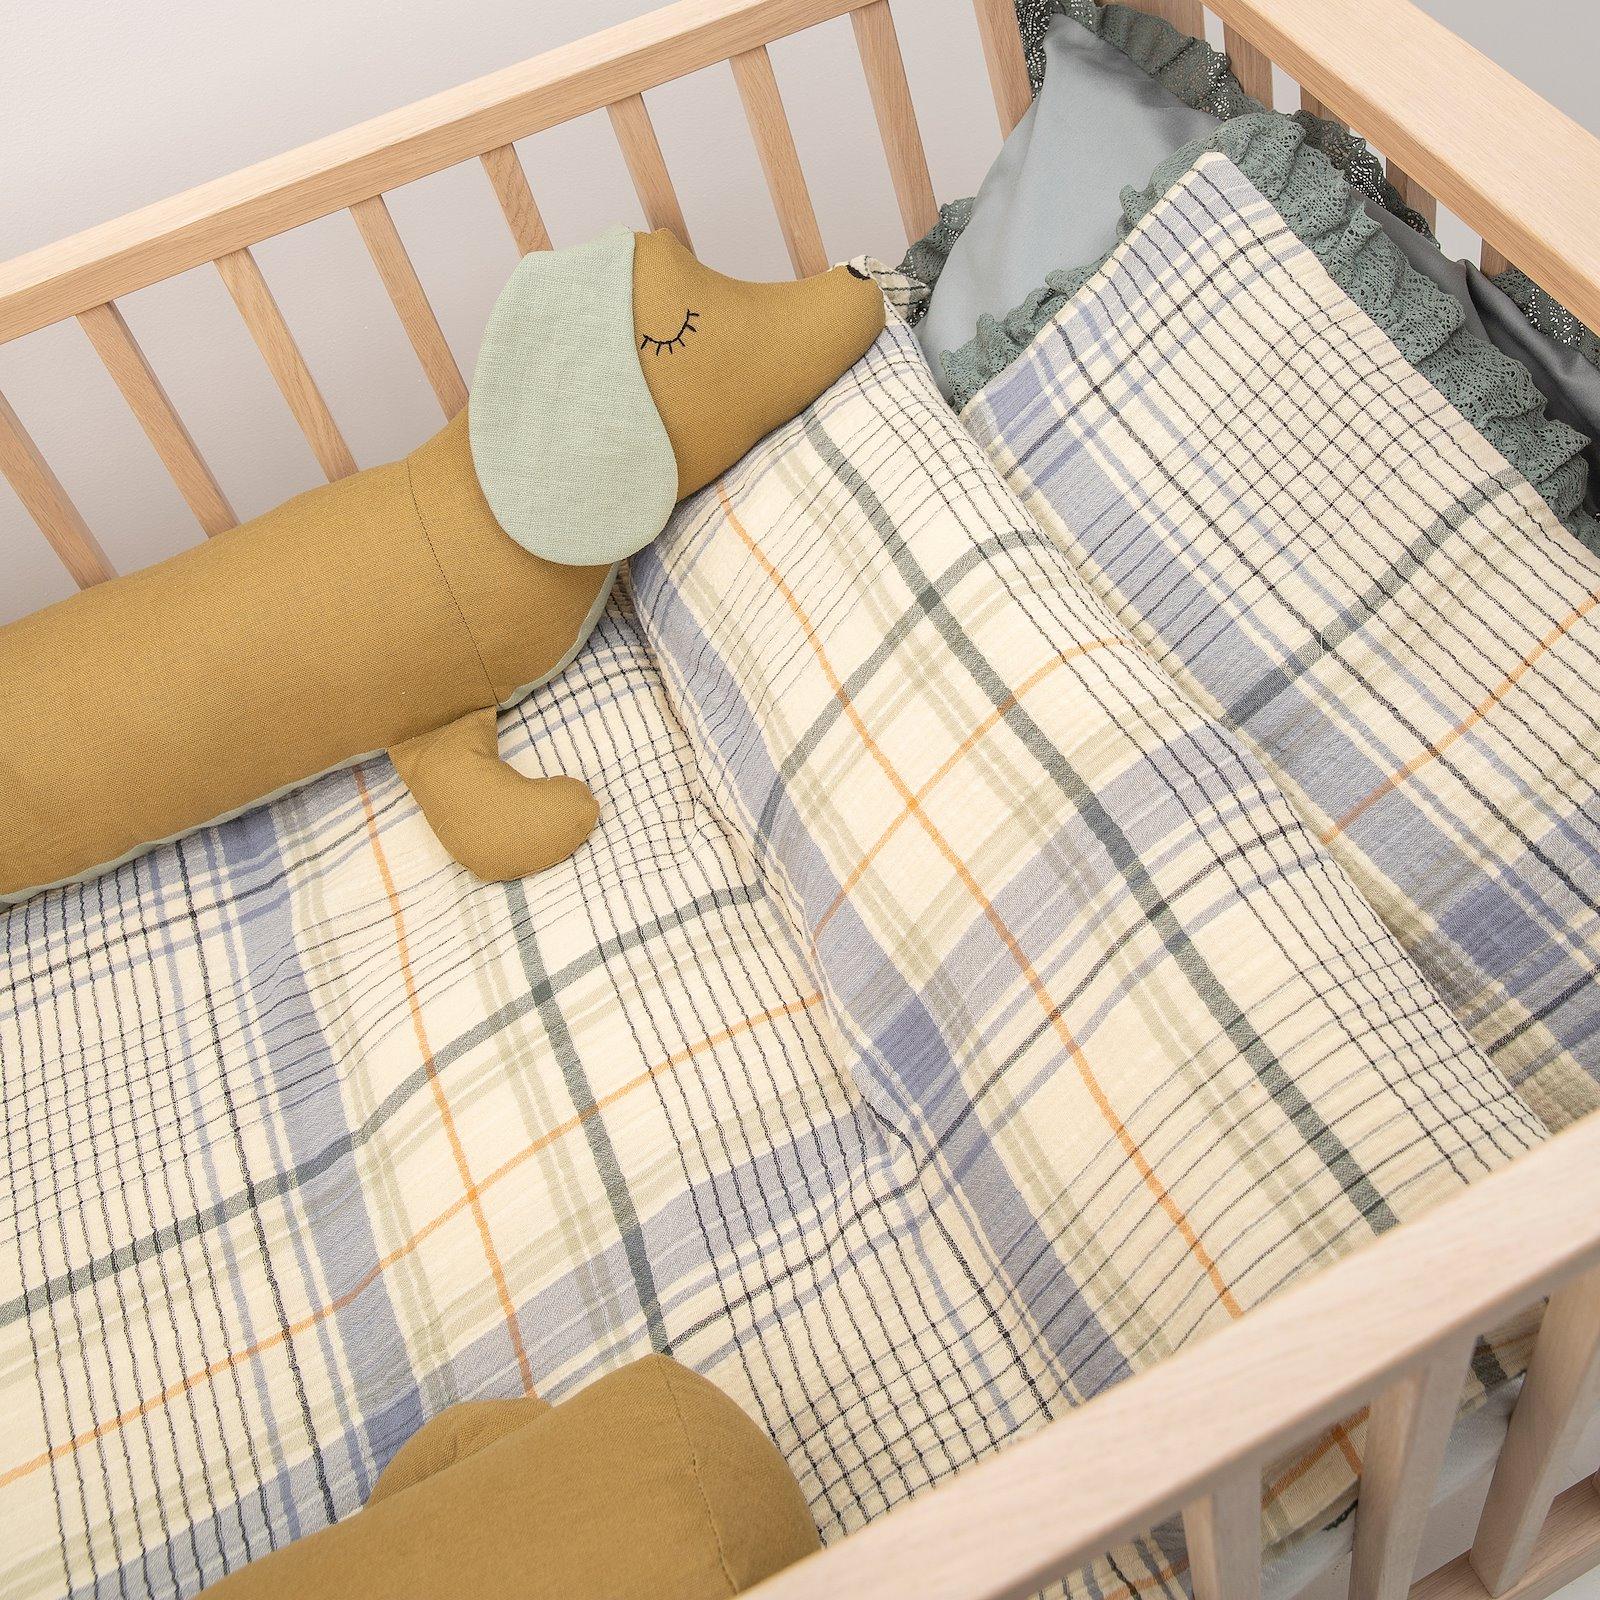 Linen/cotton light dusty olive p90076_501897_22246_p90316_410146_410131_bundle